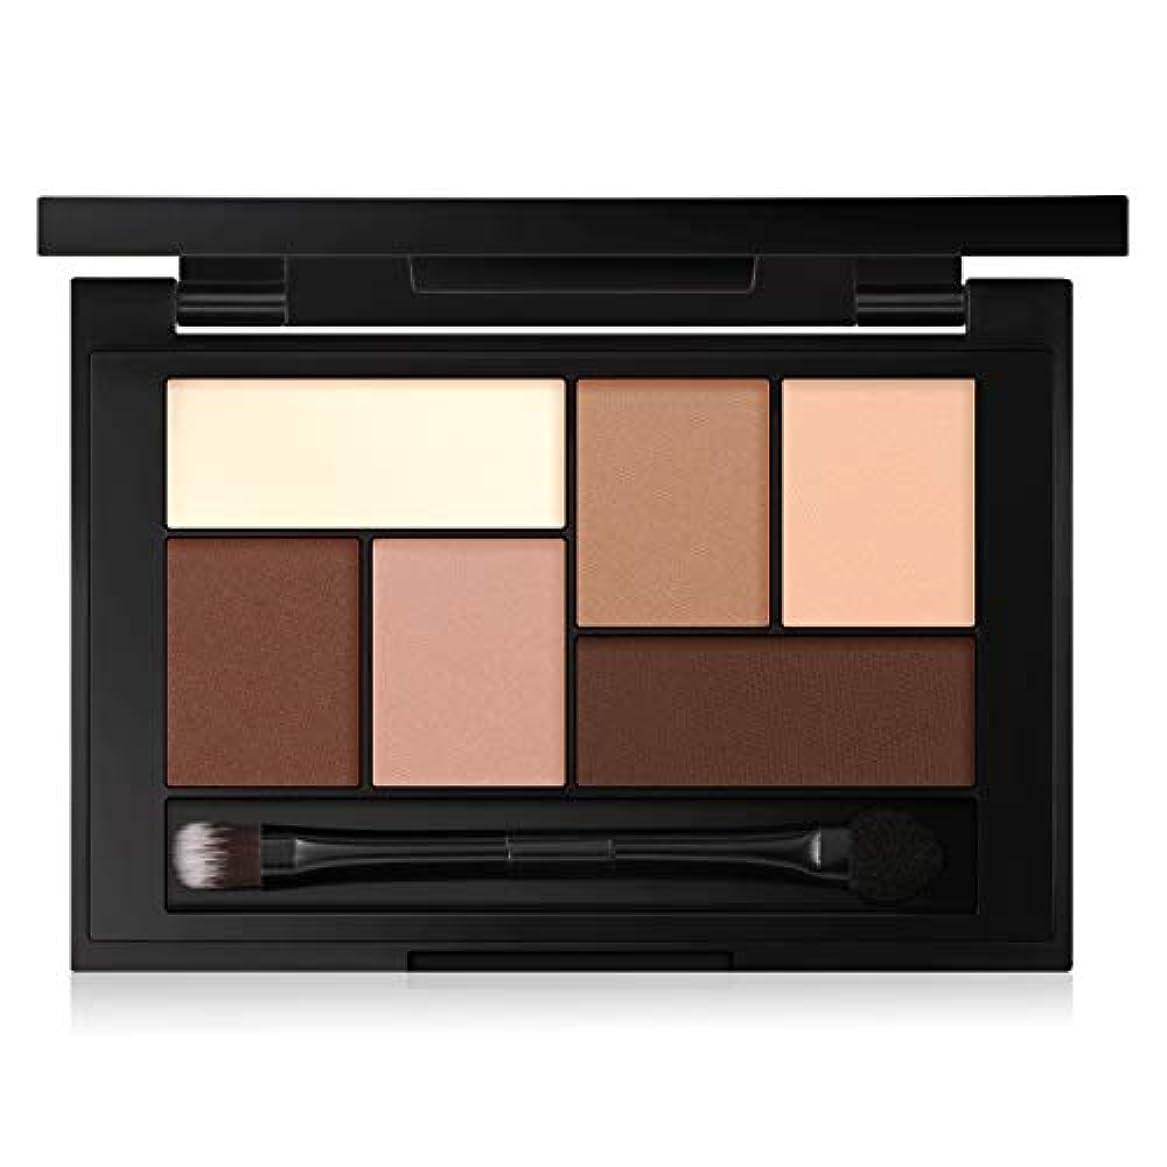 ホップ魔法技術SACE LADY Eyeshadow Palette Highly Pigmented Matte and Shimmer Finish Eye Makeup 12g/0.4oz